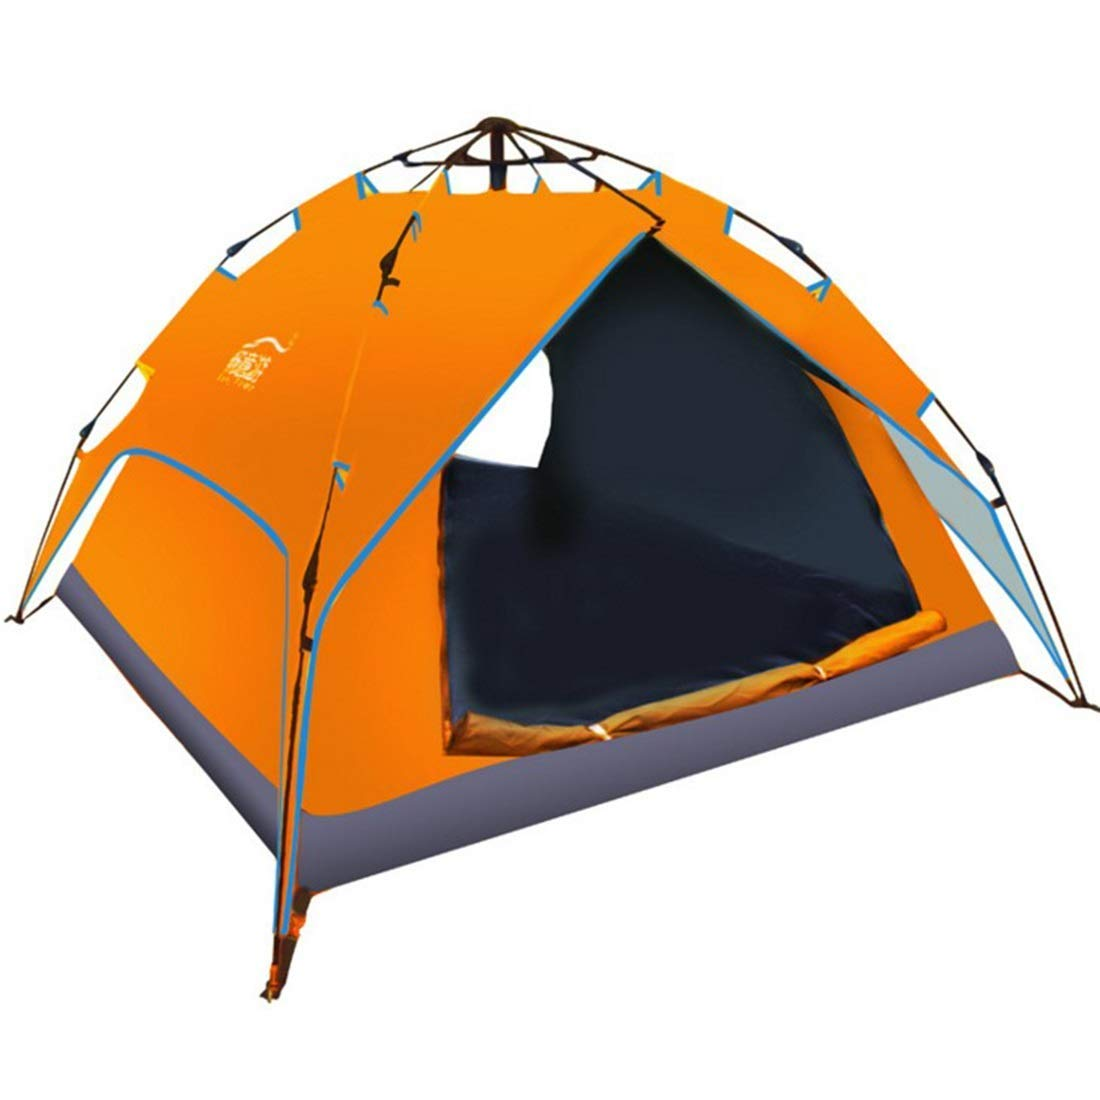 【人気商品】 ポータブルキャンプテント屋外スポーツ自動スピードオープン人気のテント Orange)、防水 (色 : : Orange) B07P53WVZK Orange B07P53WVZK, LIBERTE:89a11ca7 --- ciadaterra.com